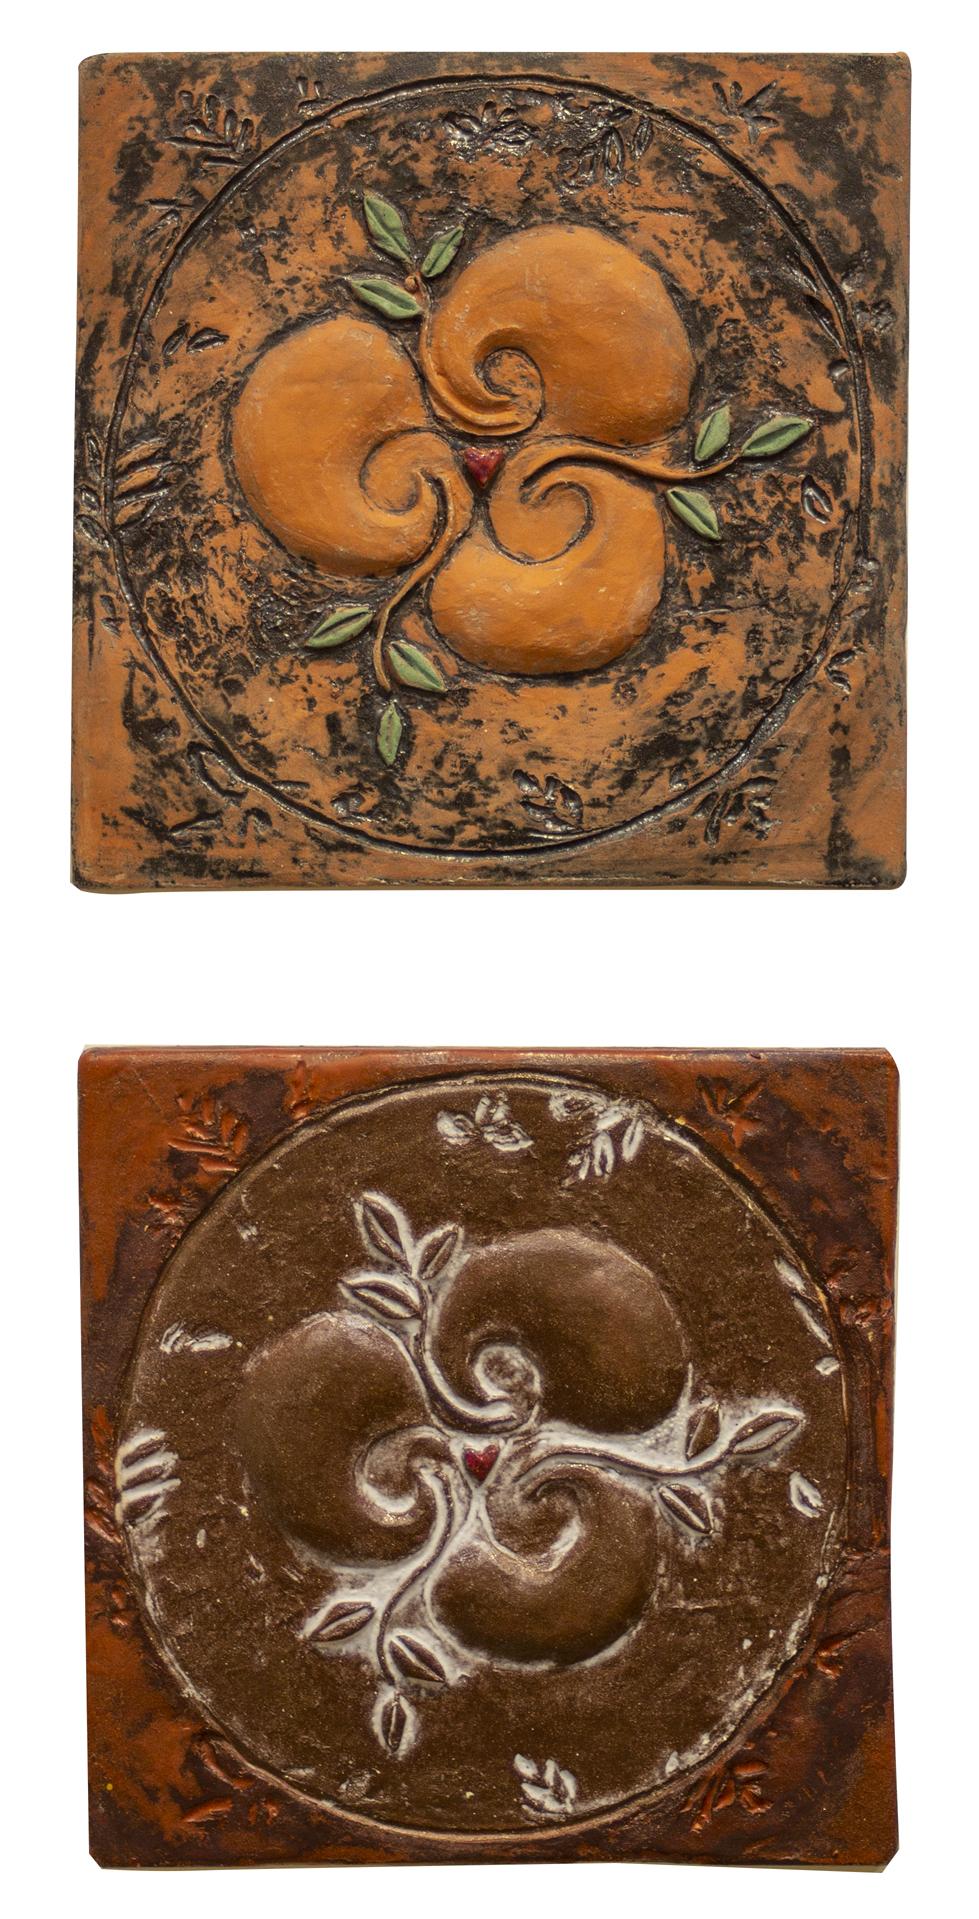 """Linda Vonderschmidt-LaStella  """"Divine Dance 1"""", sculpture clay and glazes, wall work, 10""""x10"""", 2020, $100.00 """"Divine Dance 3"""", sculpt clay and glazes, wall work, 10""""x10"""",2020, $100.00"""